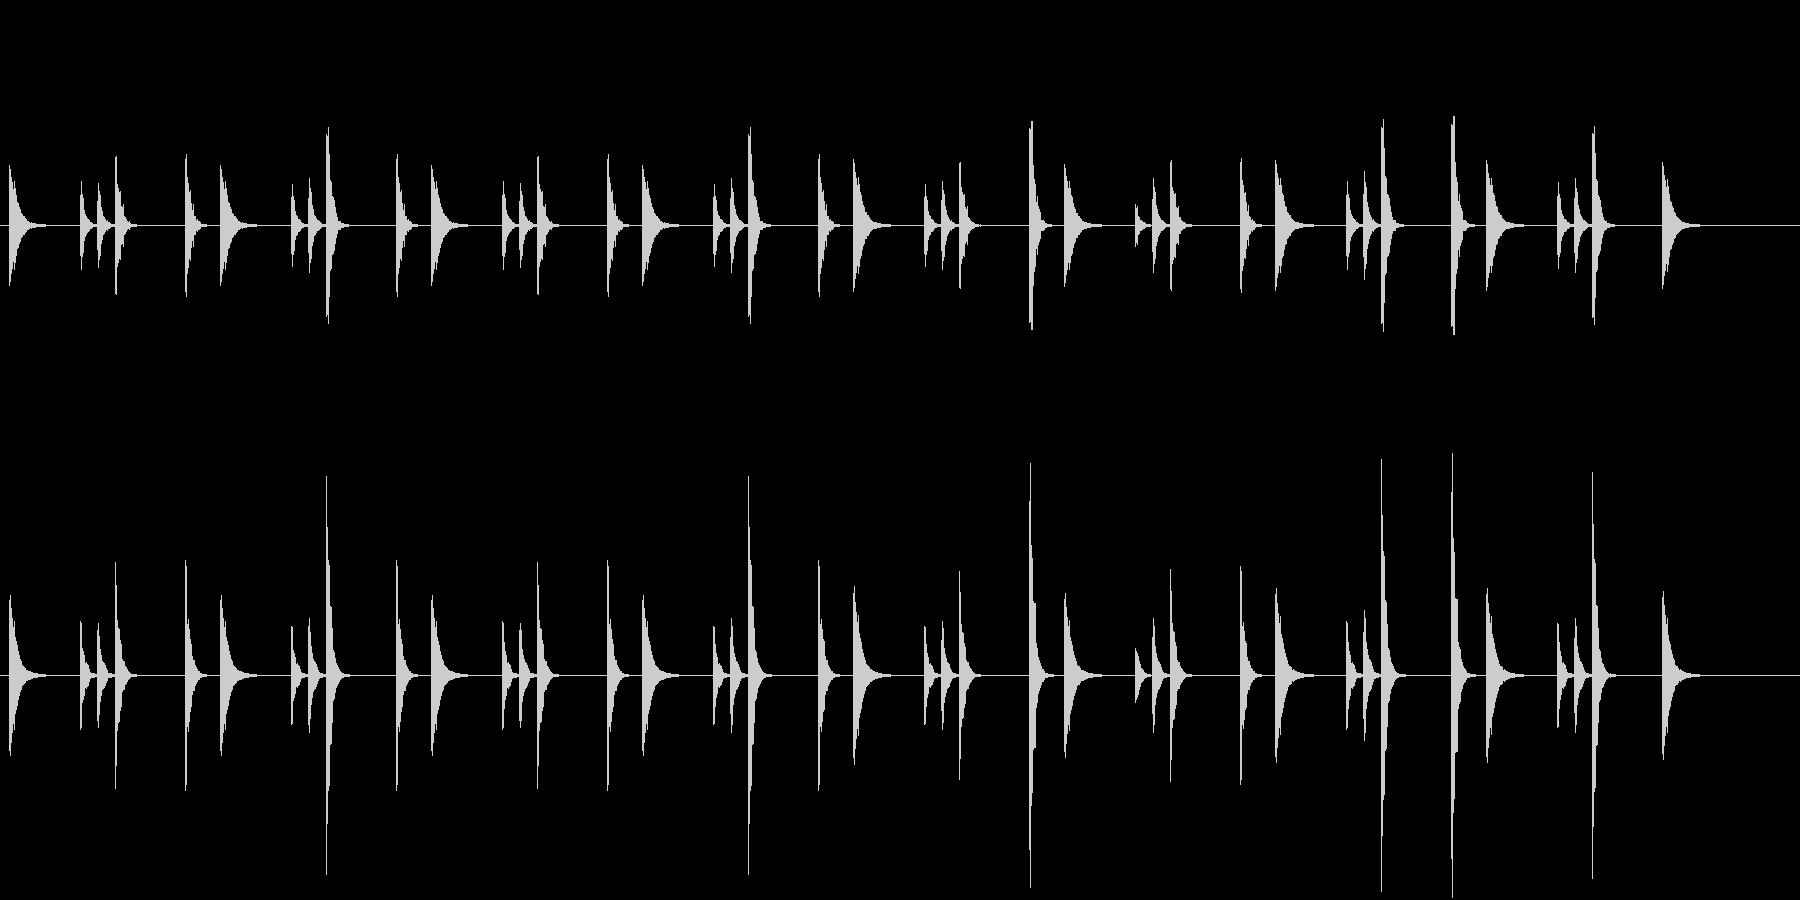 軽快で楽しいお囃子祭りの当り鉦のループ音の未再生の波形